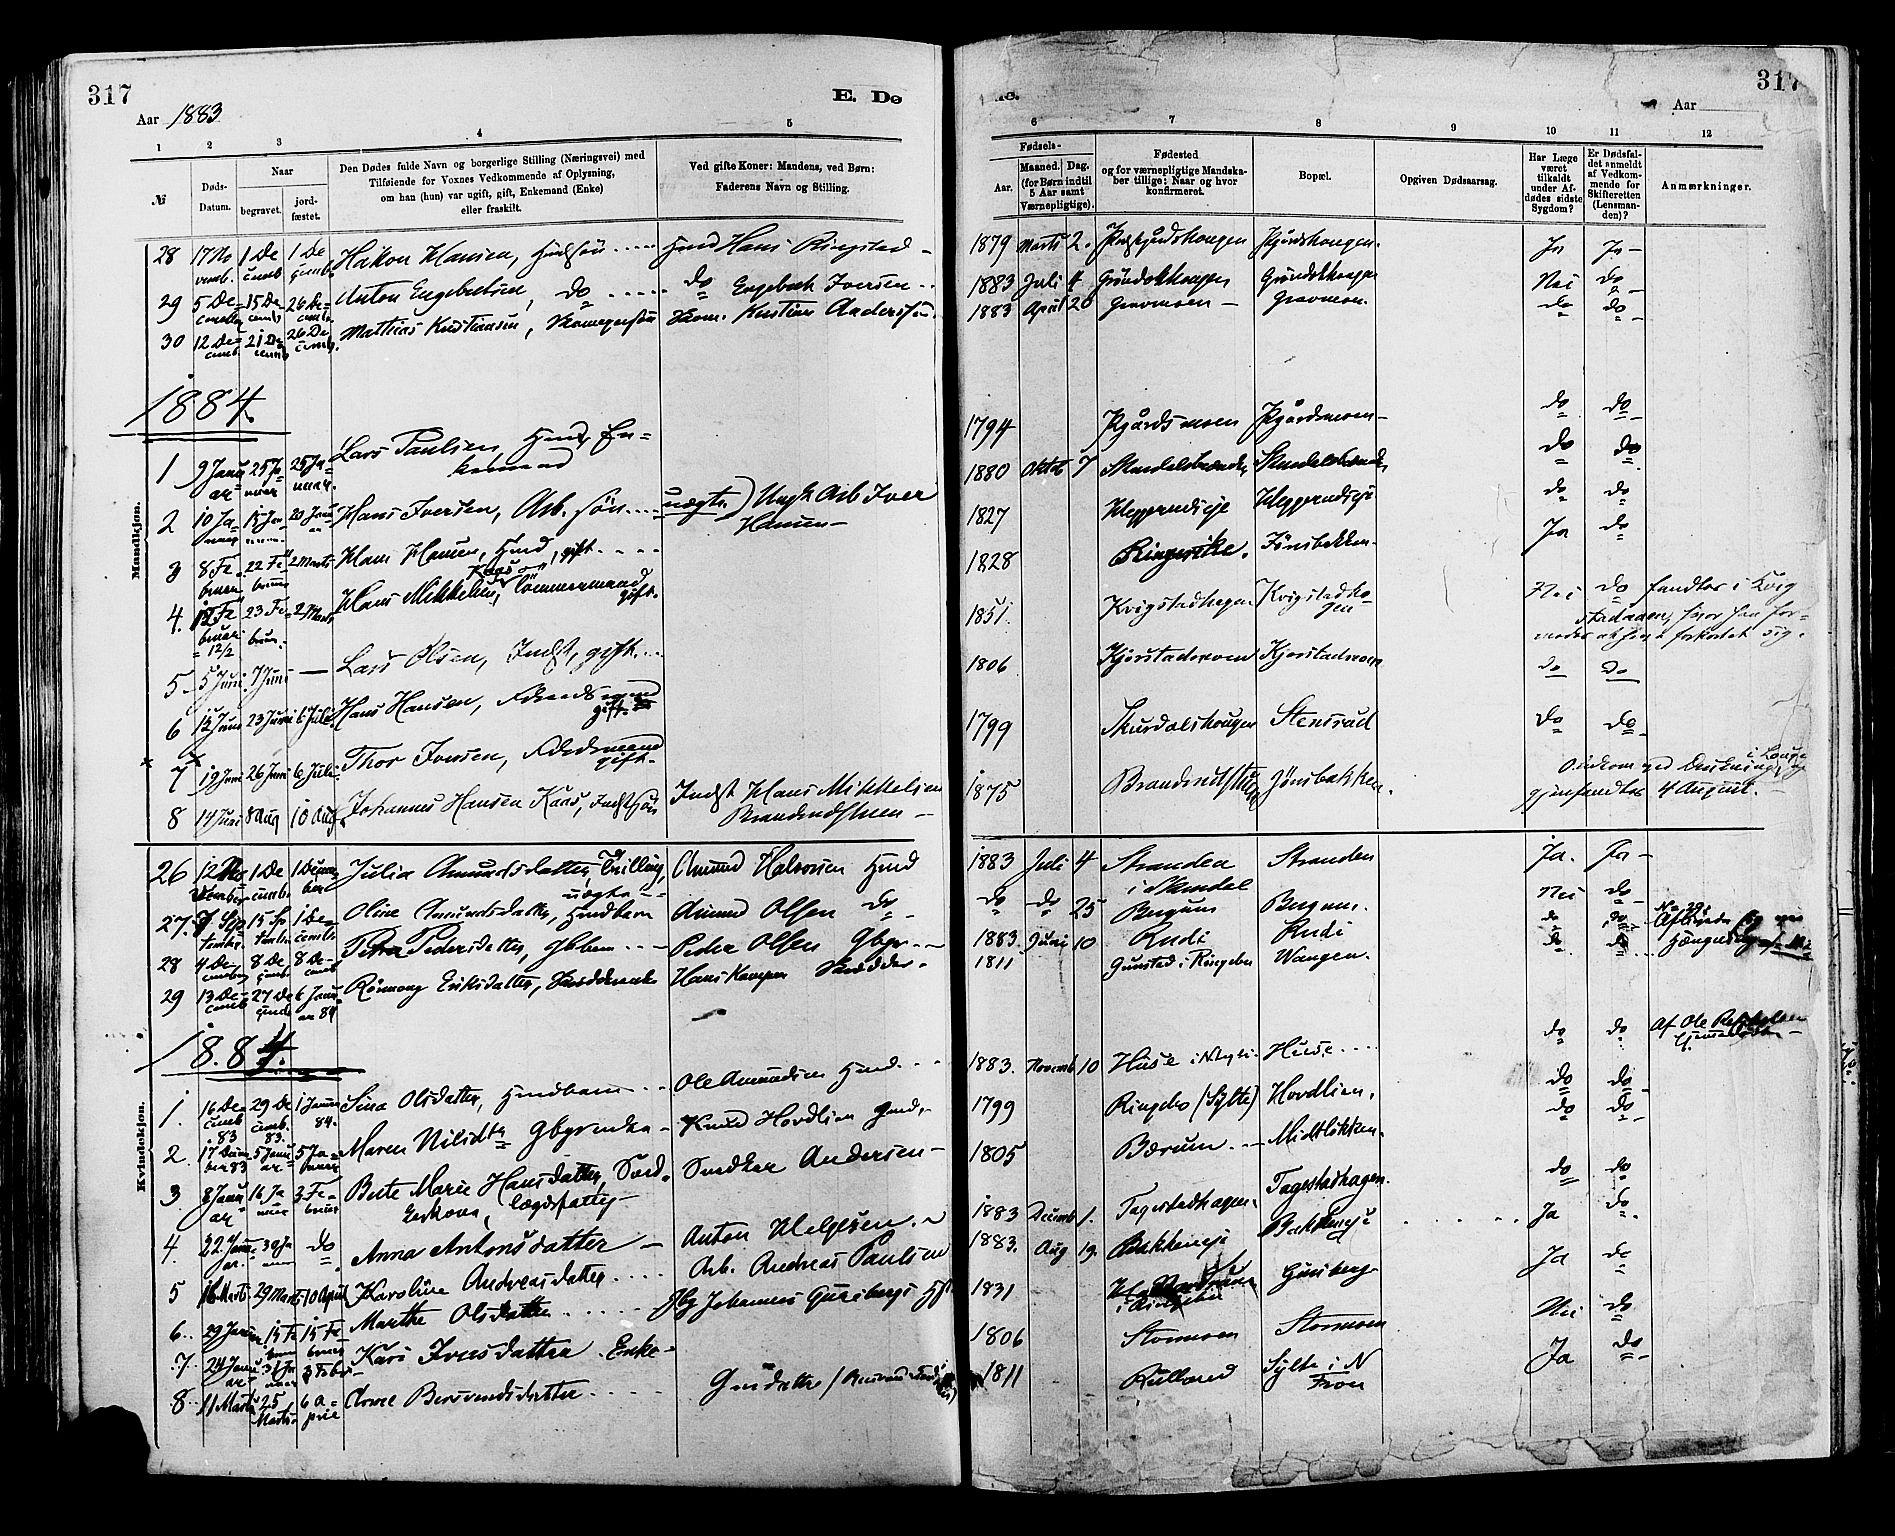 SAH, Sør-Fron prestekontor, H/Ha/Haa/L0003: Ministerialbok nr. 3, 1881-1897, s. 317